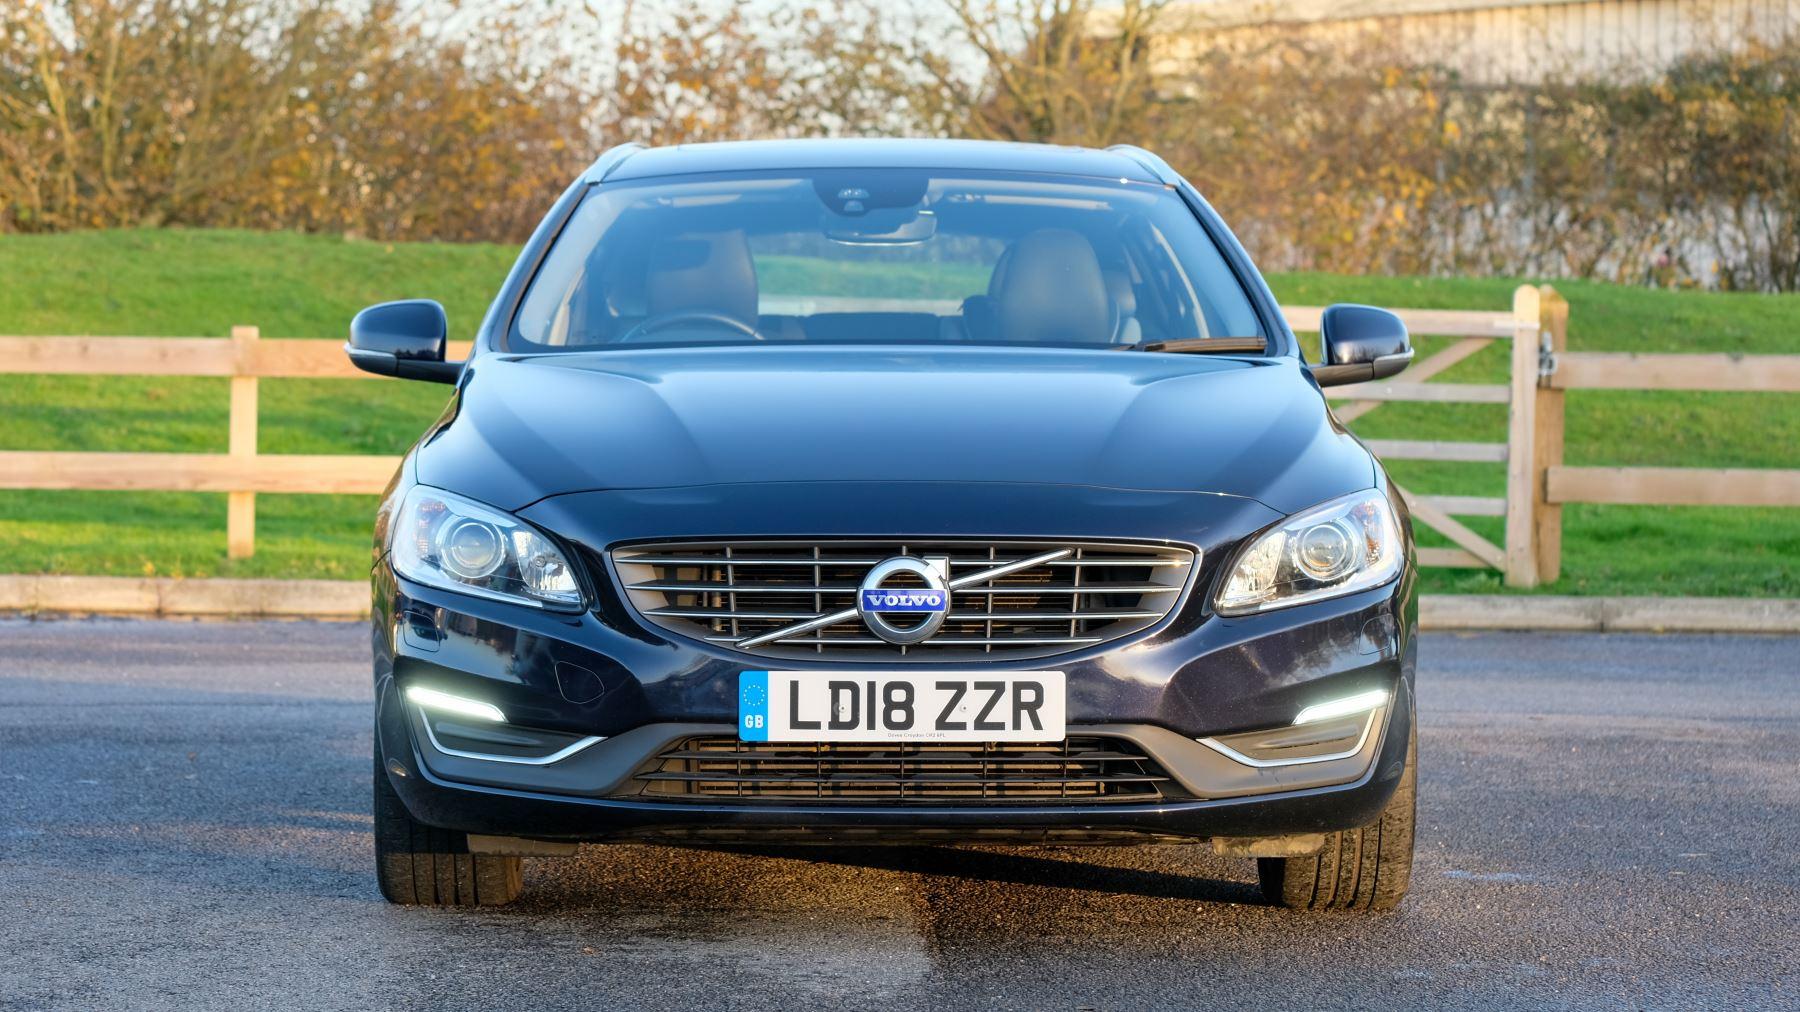 Volvo V60 D4 SE Lux Nav Auto, Winter Illumination & Family Pack, Sunroof, BLIS, VAT Reclaimable image 2